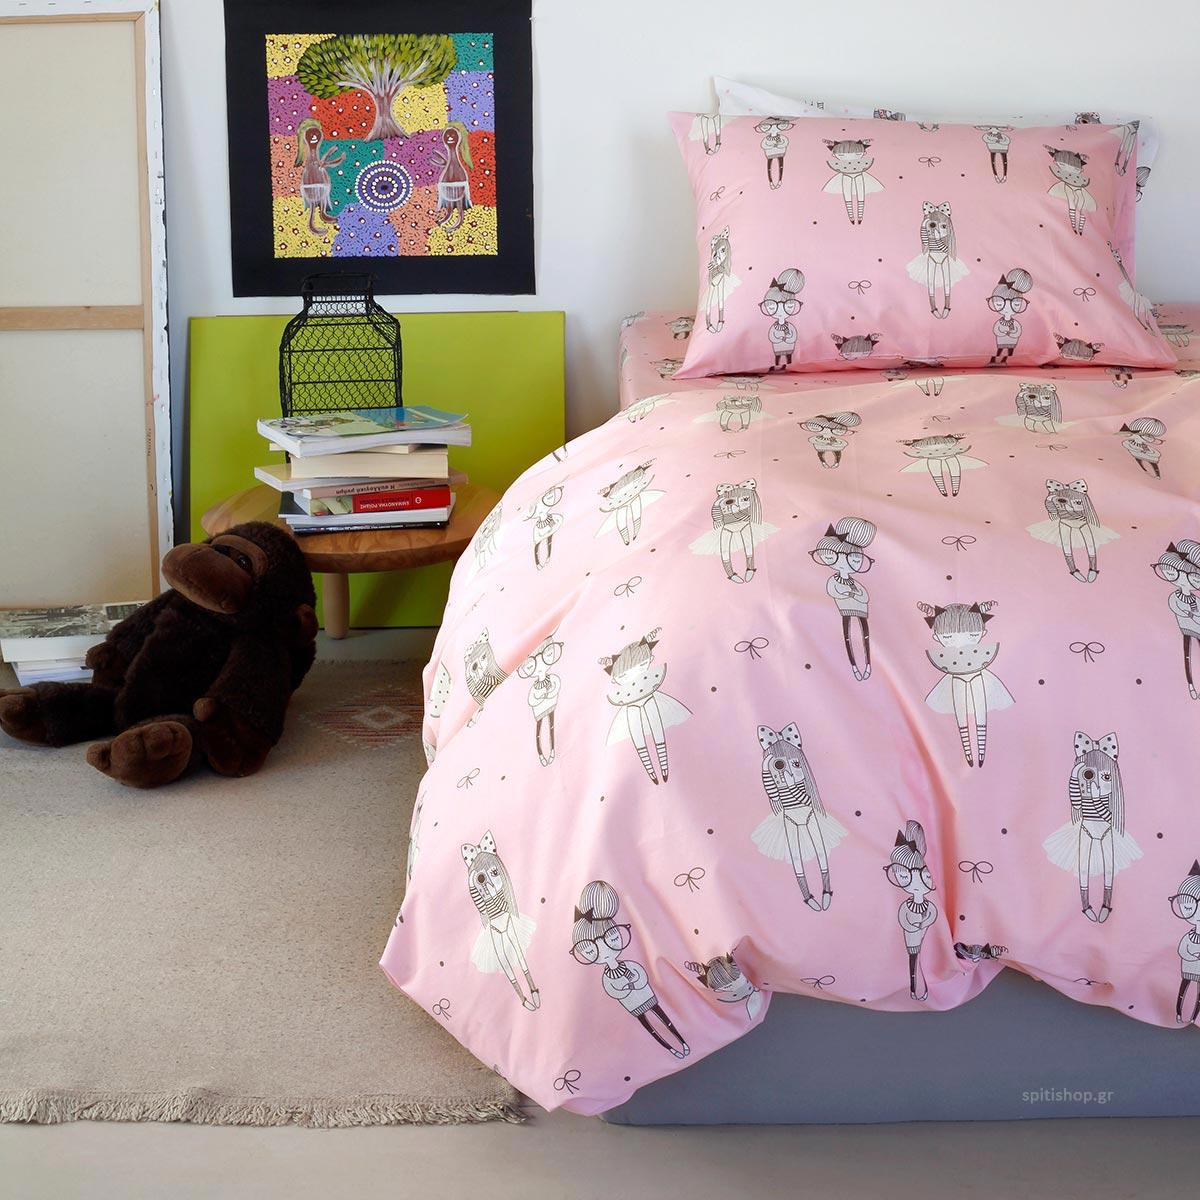 Ζεύγος Μαξιλαροθήκες Melinen Kids Cute Pink